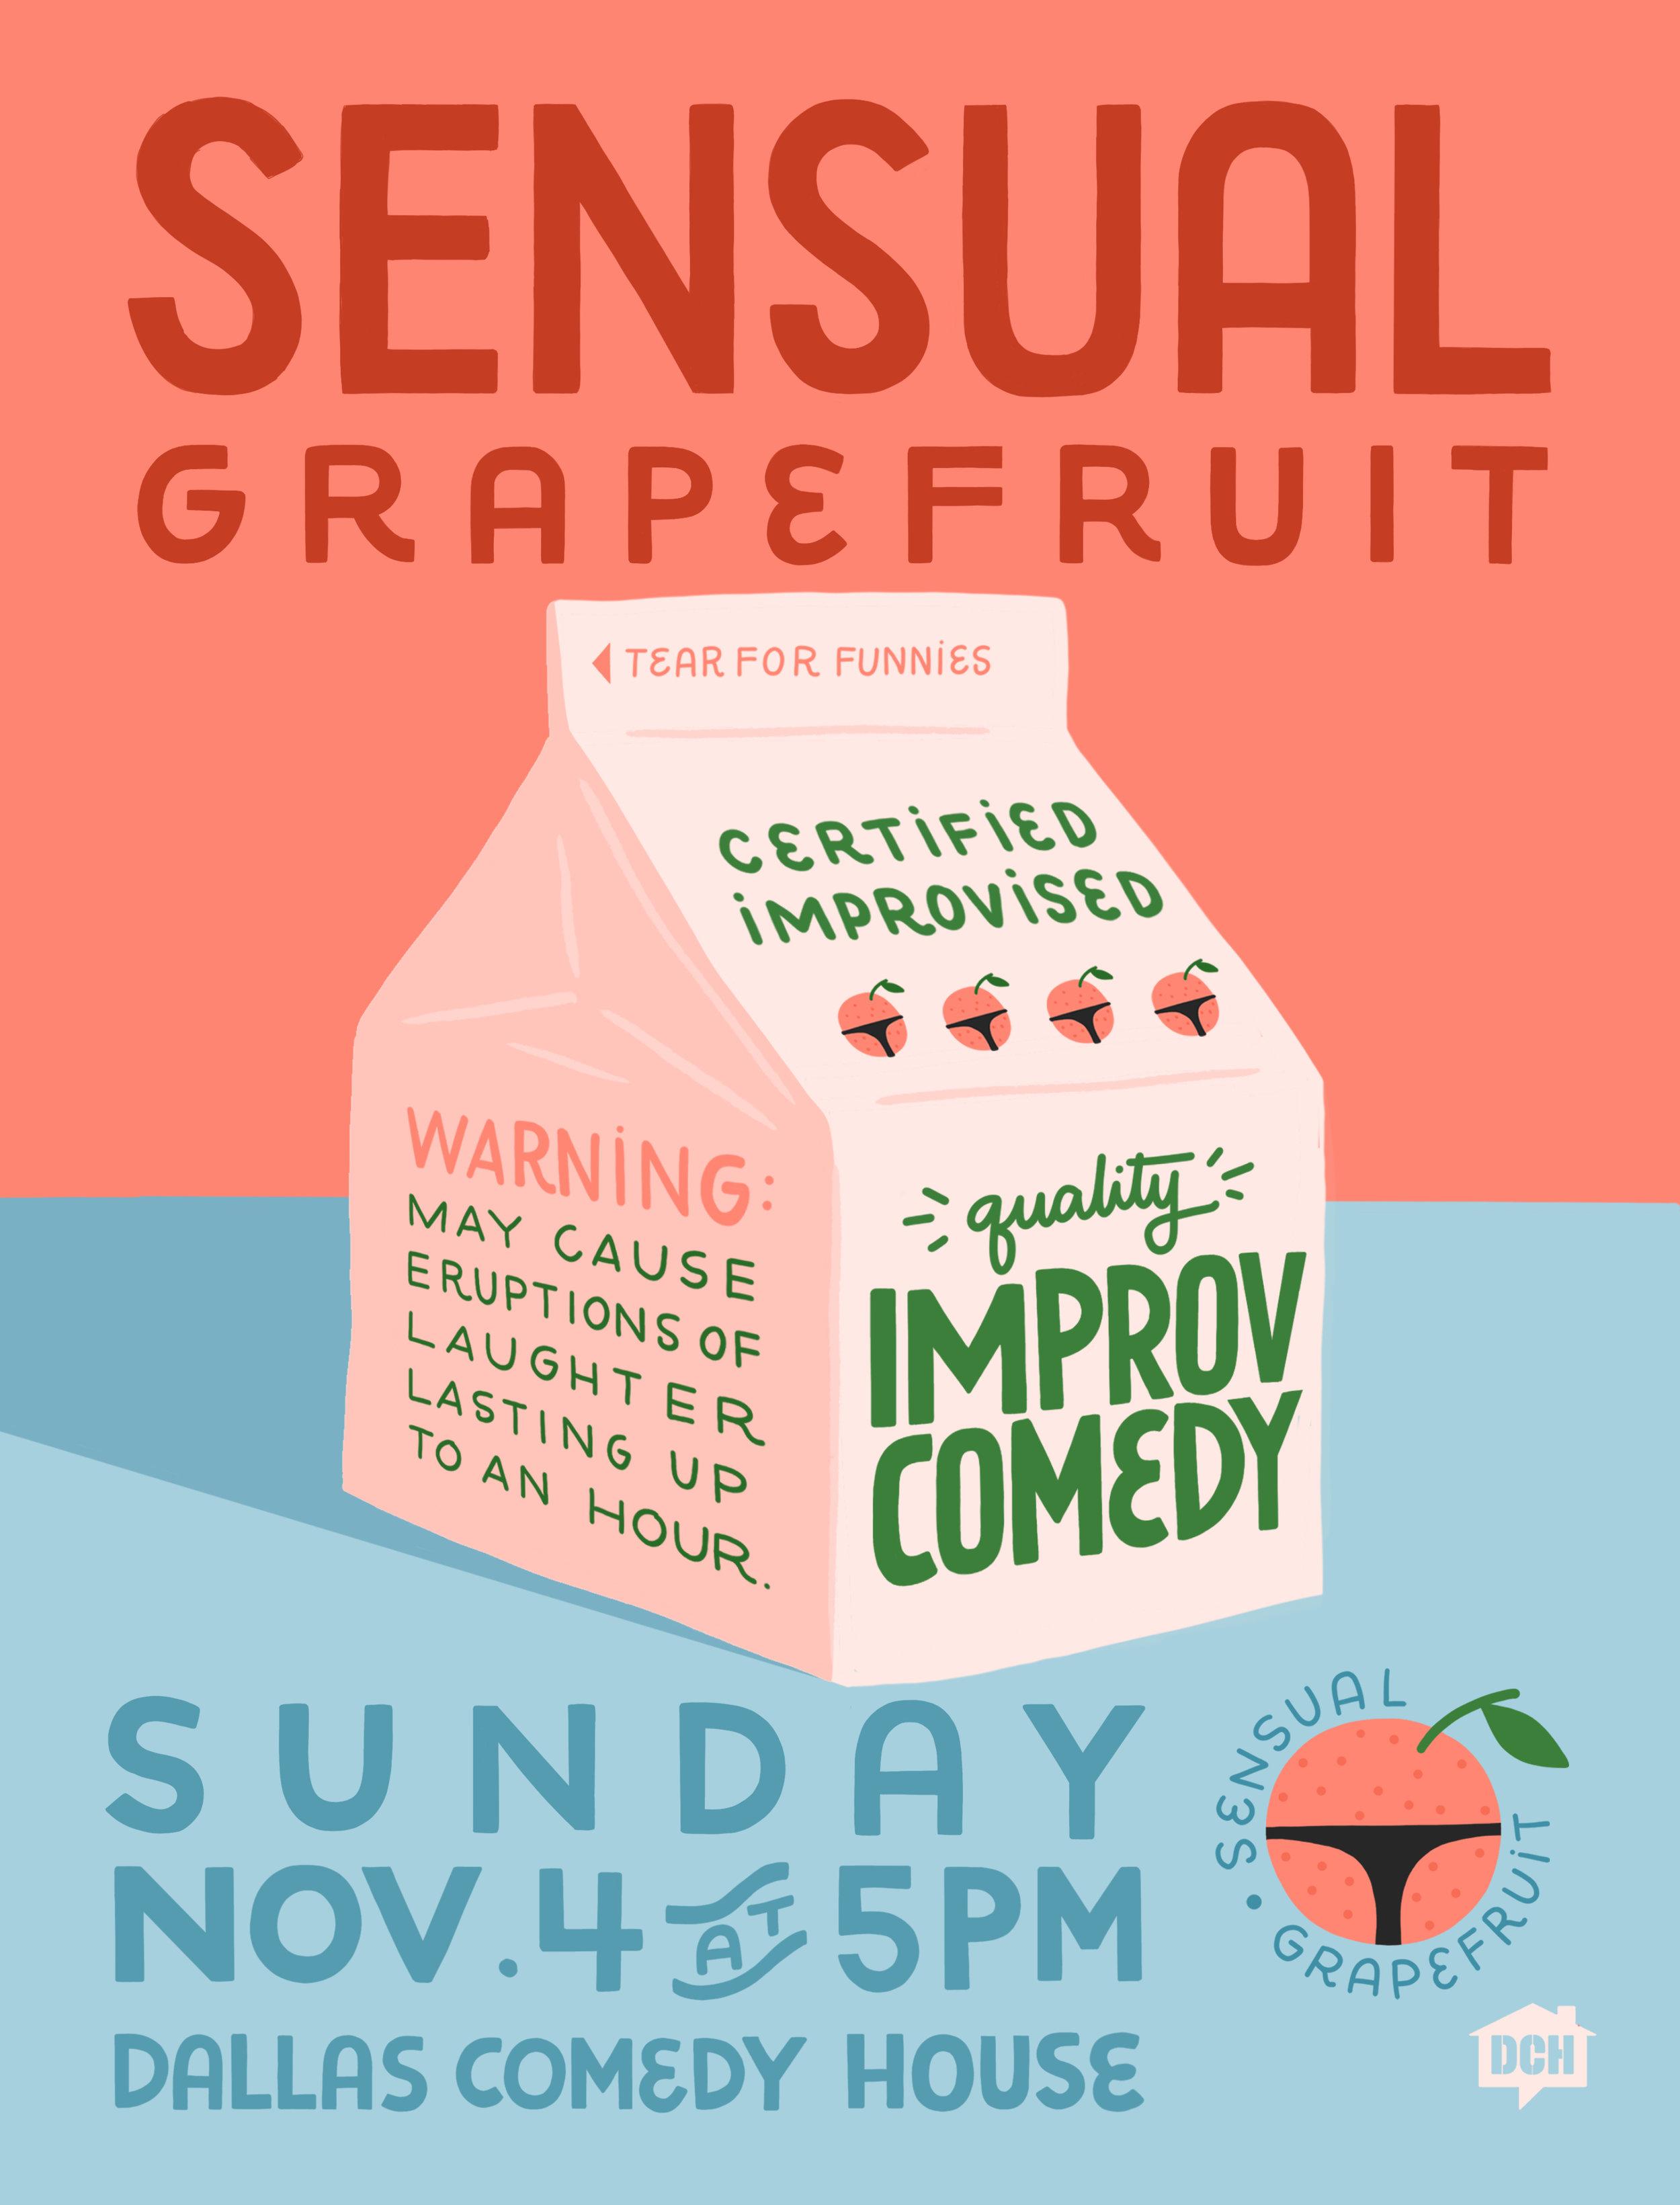 Sensual_Grapefruit.jpg